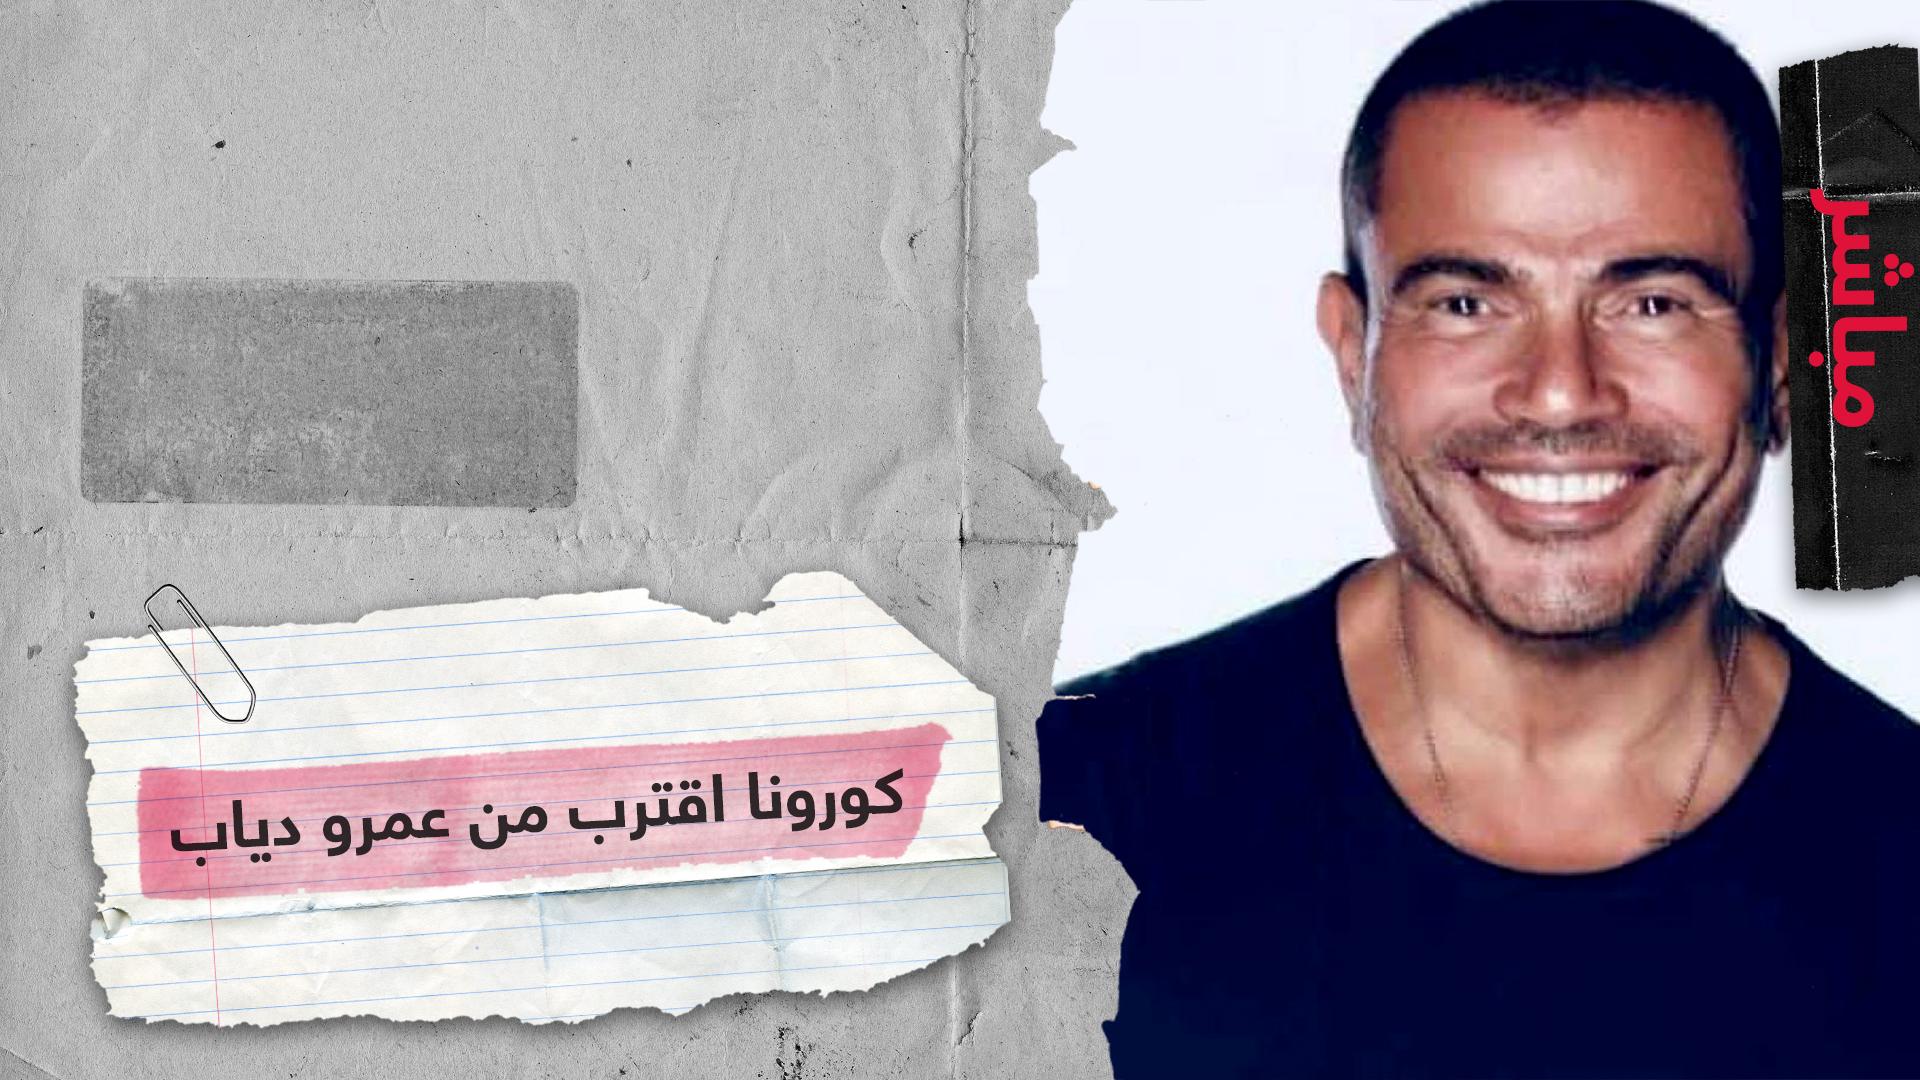 """ما صحة التوقعات بـ """"هجمة أكثر شراسة"""" لفيروس كورونا في مصر بعد أشهر؟"""